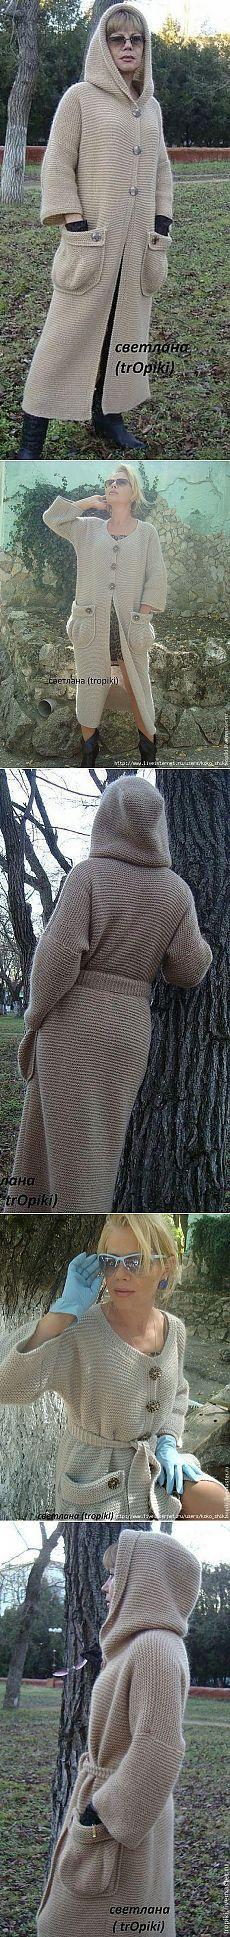 сообщение koko_shik : Потрясающе красивое, стильное пальто спицами платочной вязкой. Автор Светлана (trOpiki) (14:37 09-08-2015) [5591840/368994692] - irina-lena@inbox.ru - Почта Mail.Ru